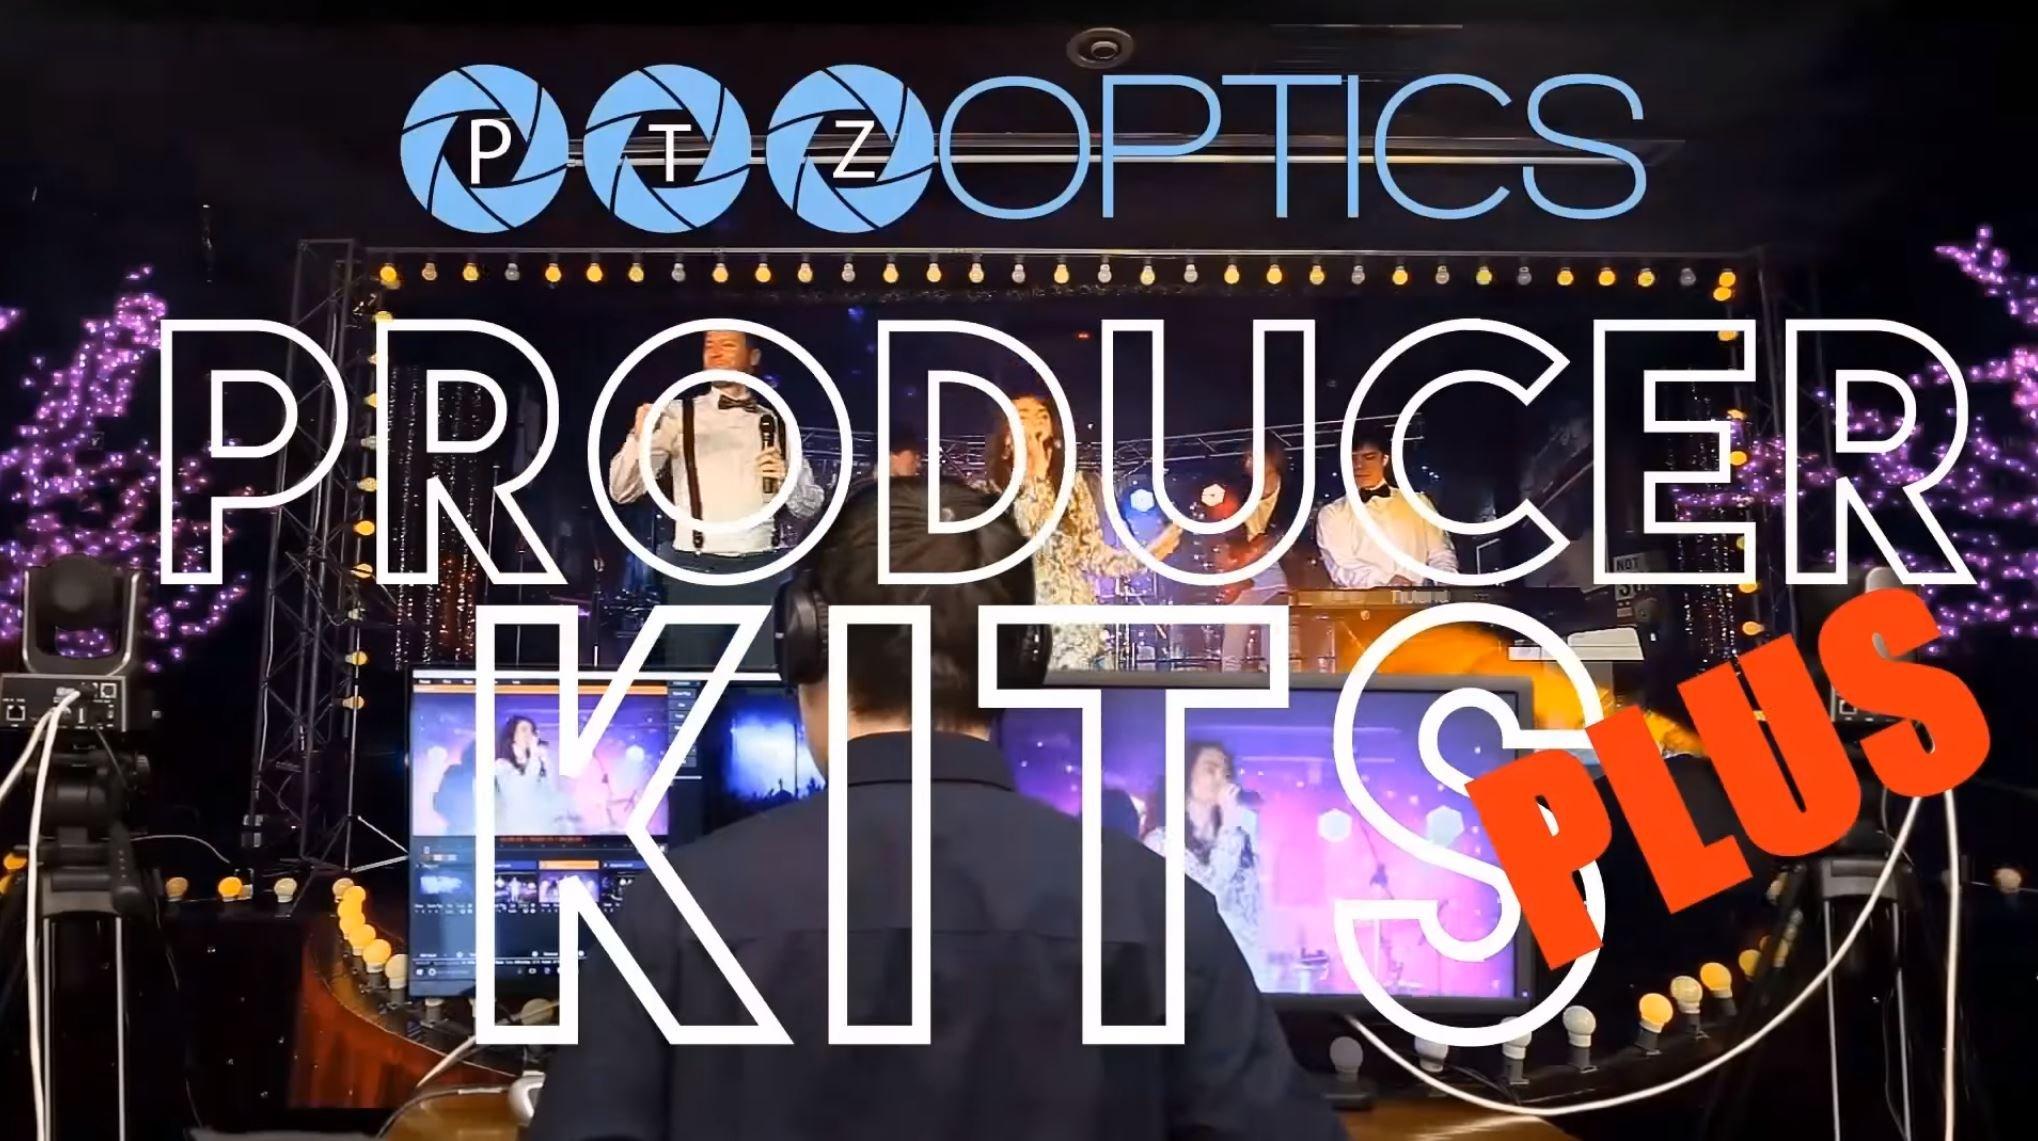 PTZOptics Producer Plus Kits